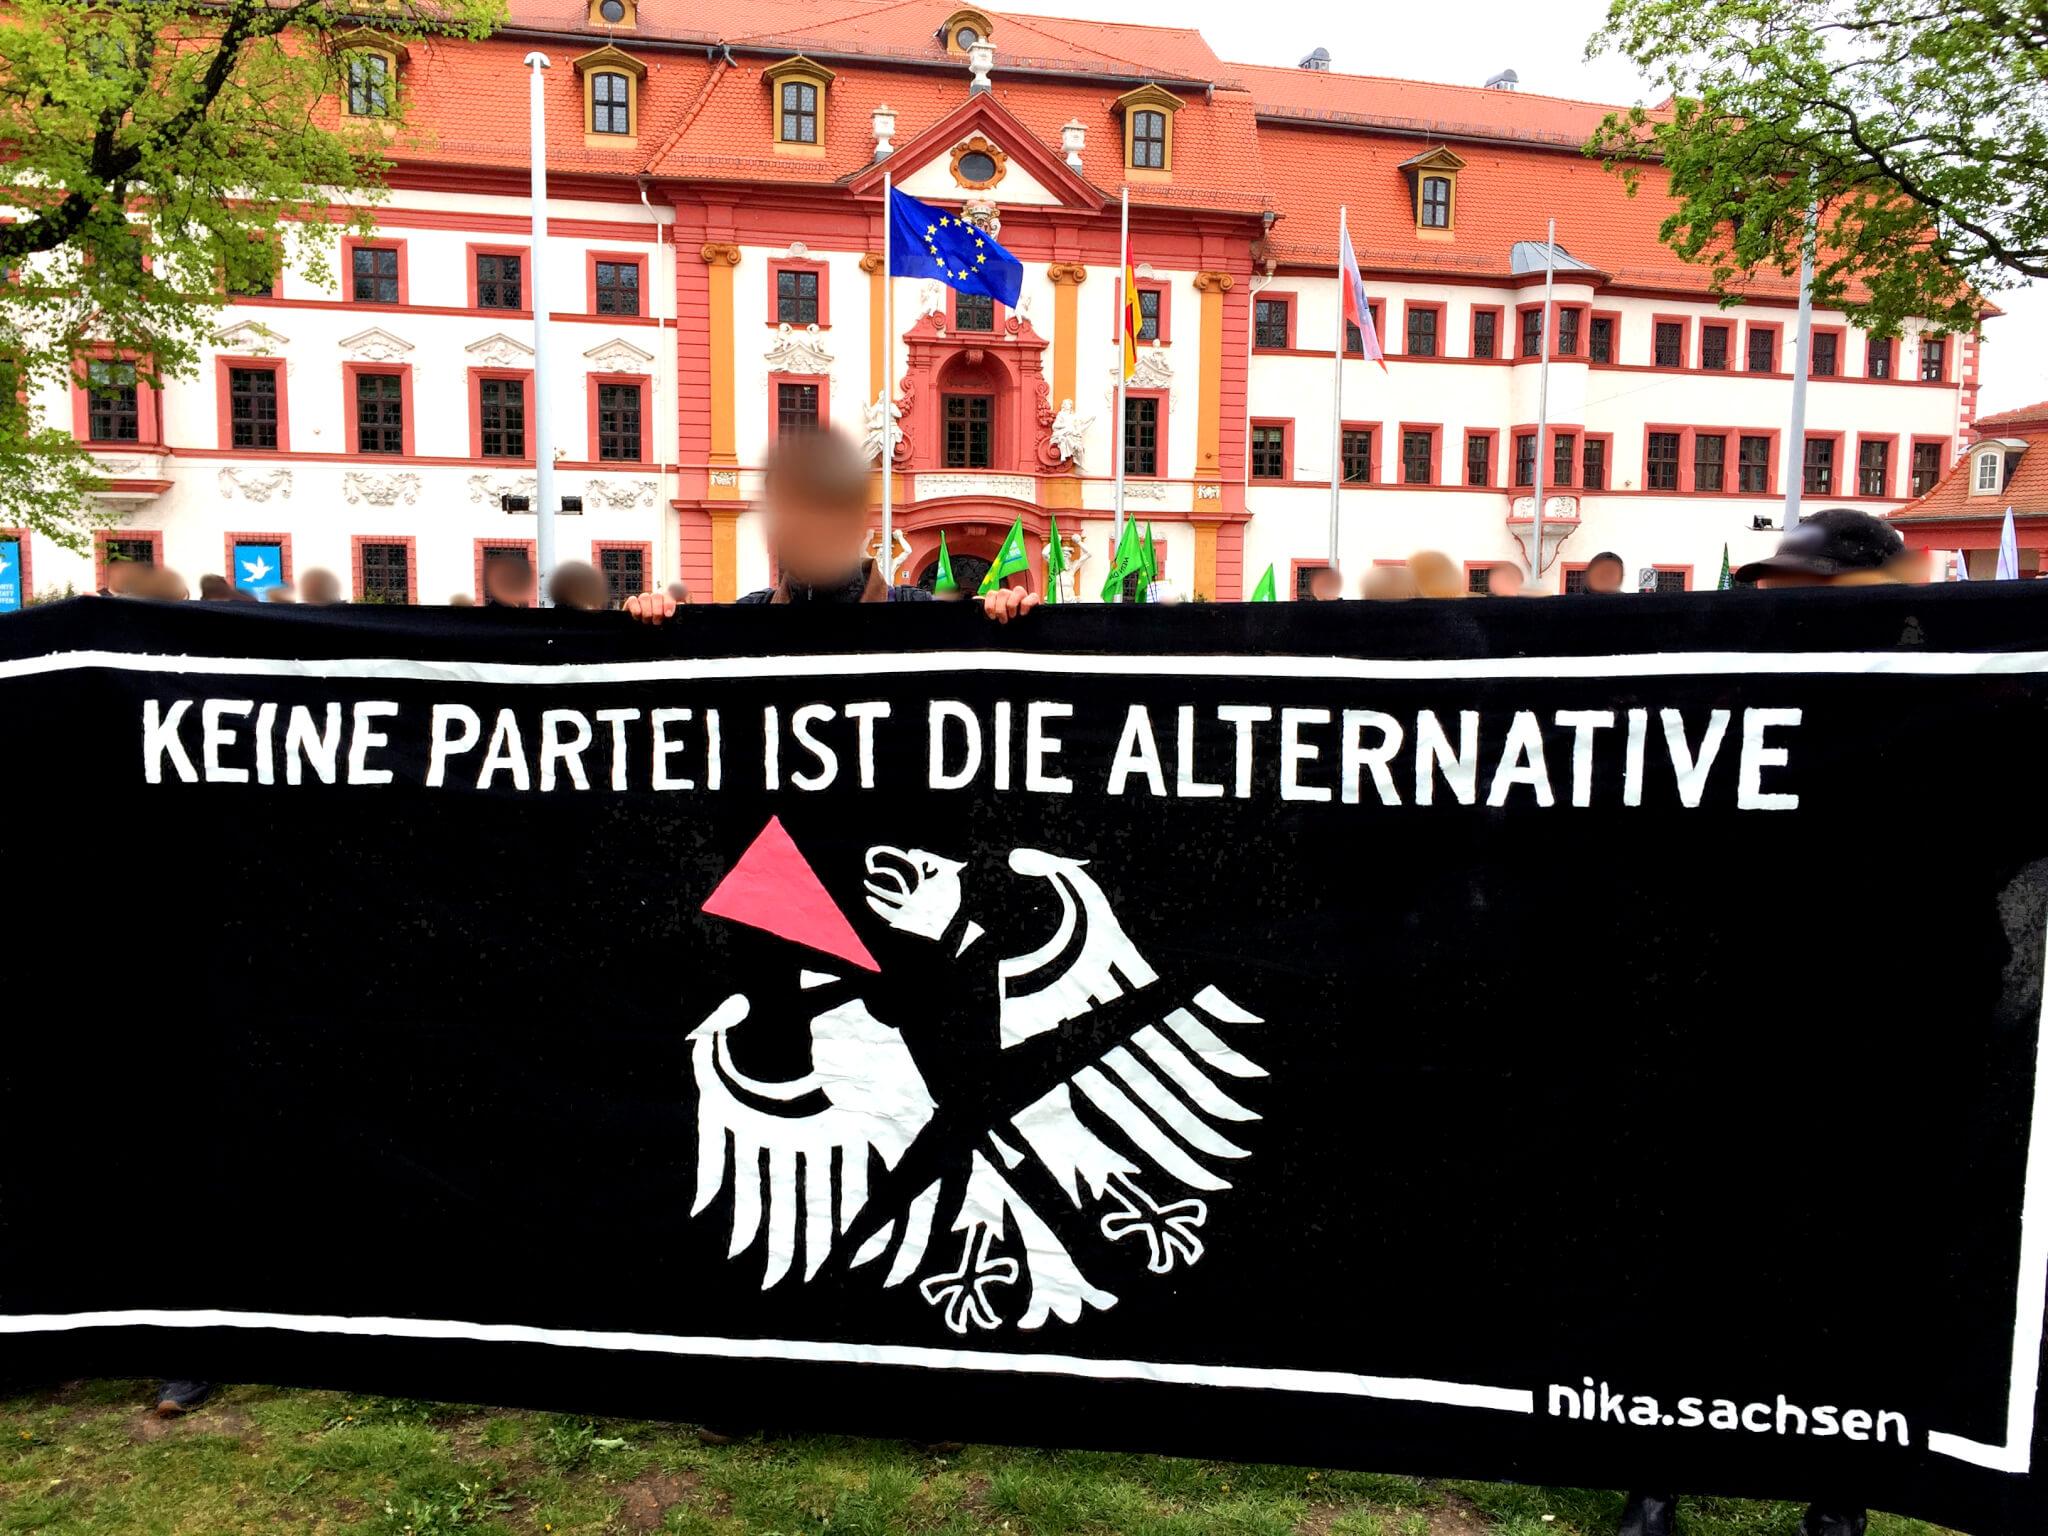 """Titelbild: Transparent mit der Aufschrift """"Keine Partei ist die Alternative"""" bei der 1. Mai Demo in Erfurt"""